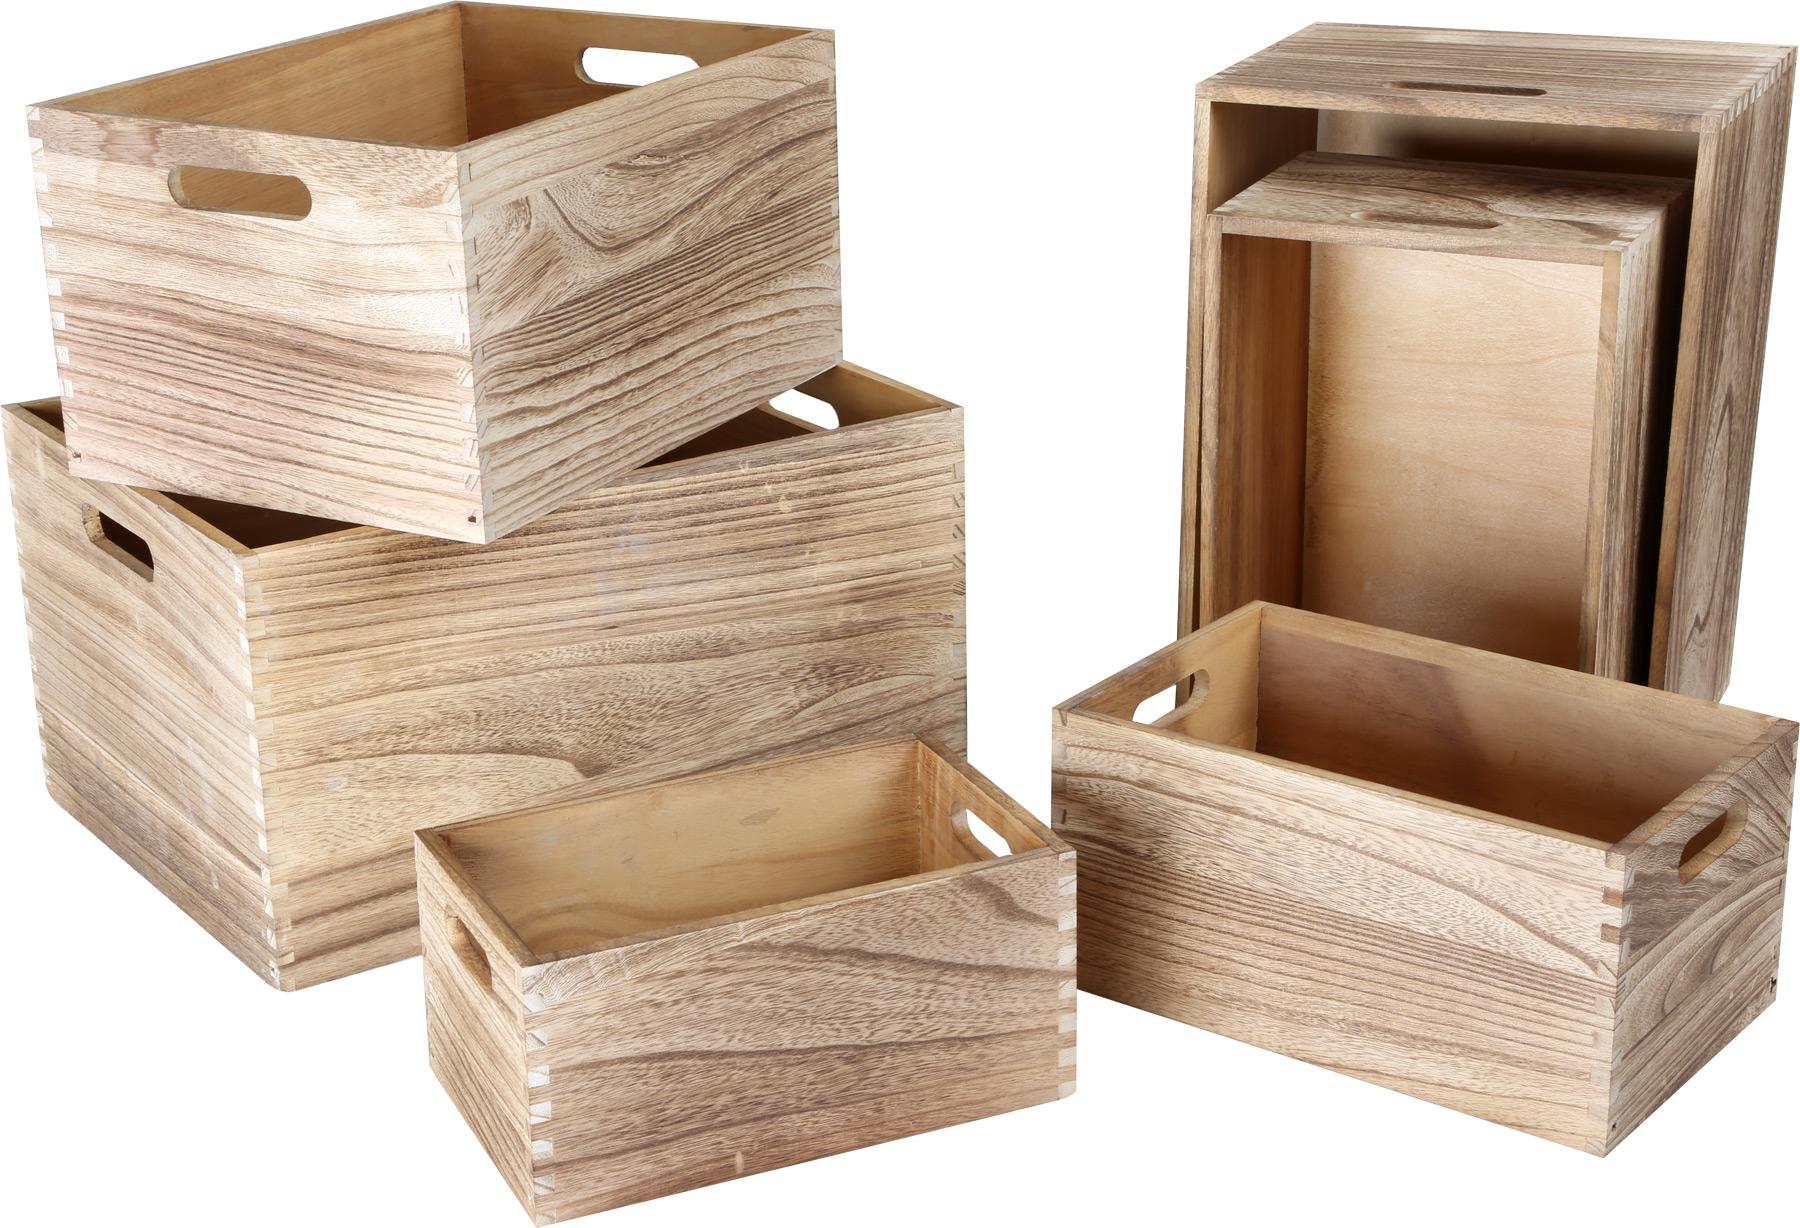 Cassette in legno natura articoli decorativi e da for Articoli da giardino